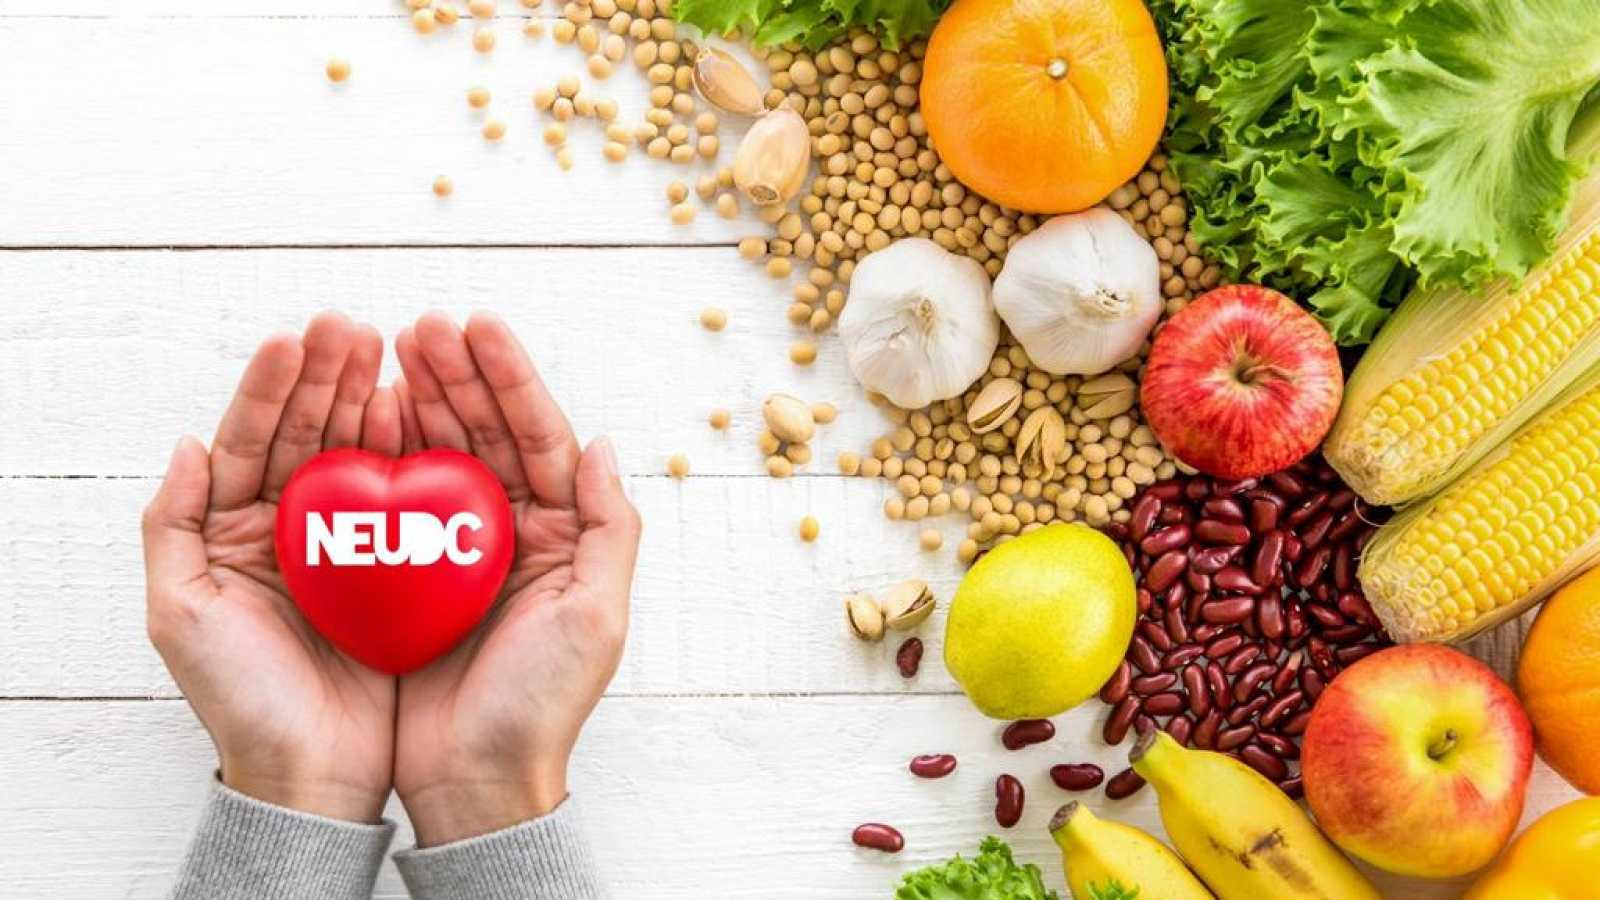 No es un día cualquiera - El colesterol - Julio Basulto - 'Vida sana' - 29/11/2020 - Escuchar ahora